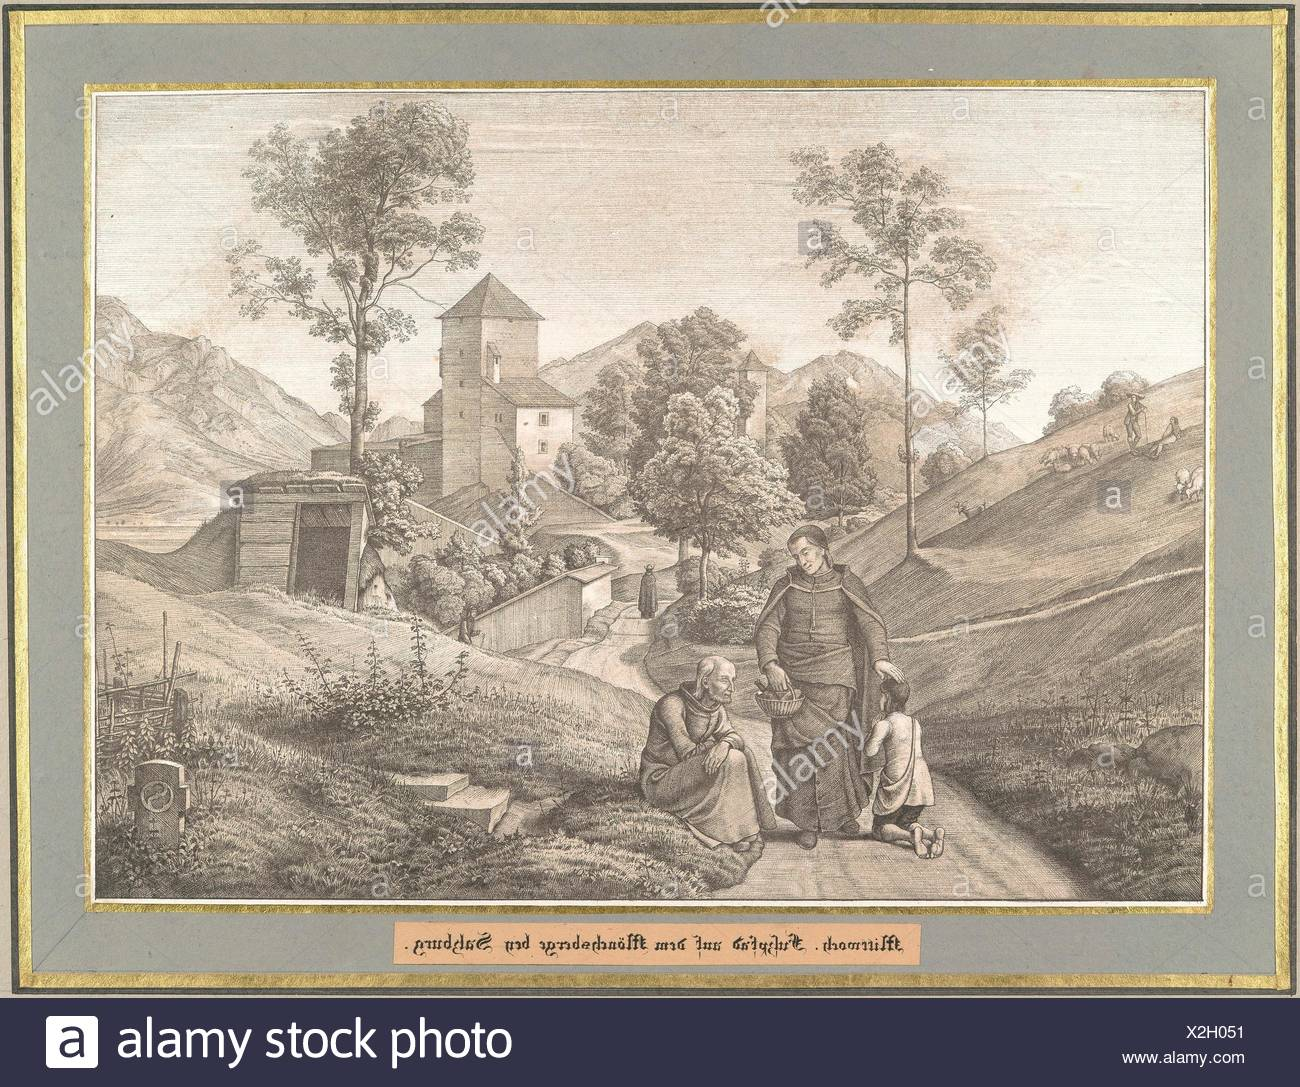 Mittwoch from Sieben Gegenden aus Salzburg und Berchtesgaden Geordnet nach den sieben Tagen der Woche, verbunden durch zwey allegorische Blätter - Stock Image